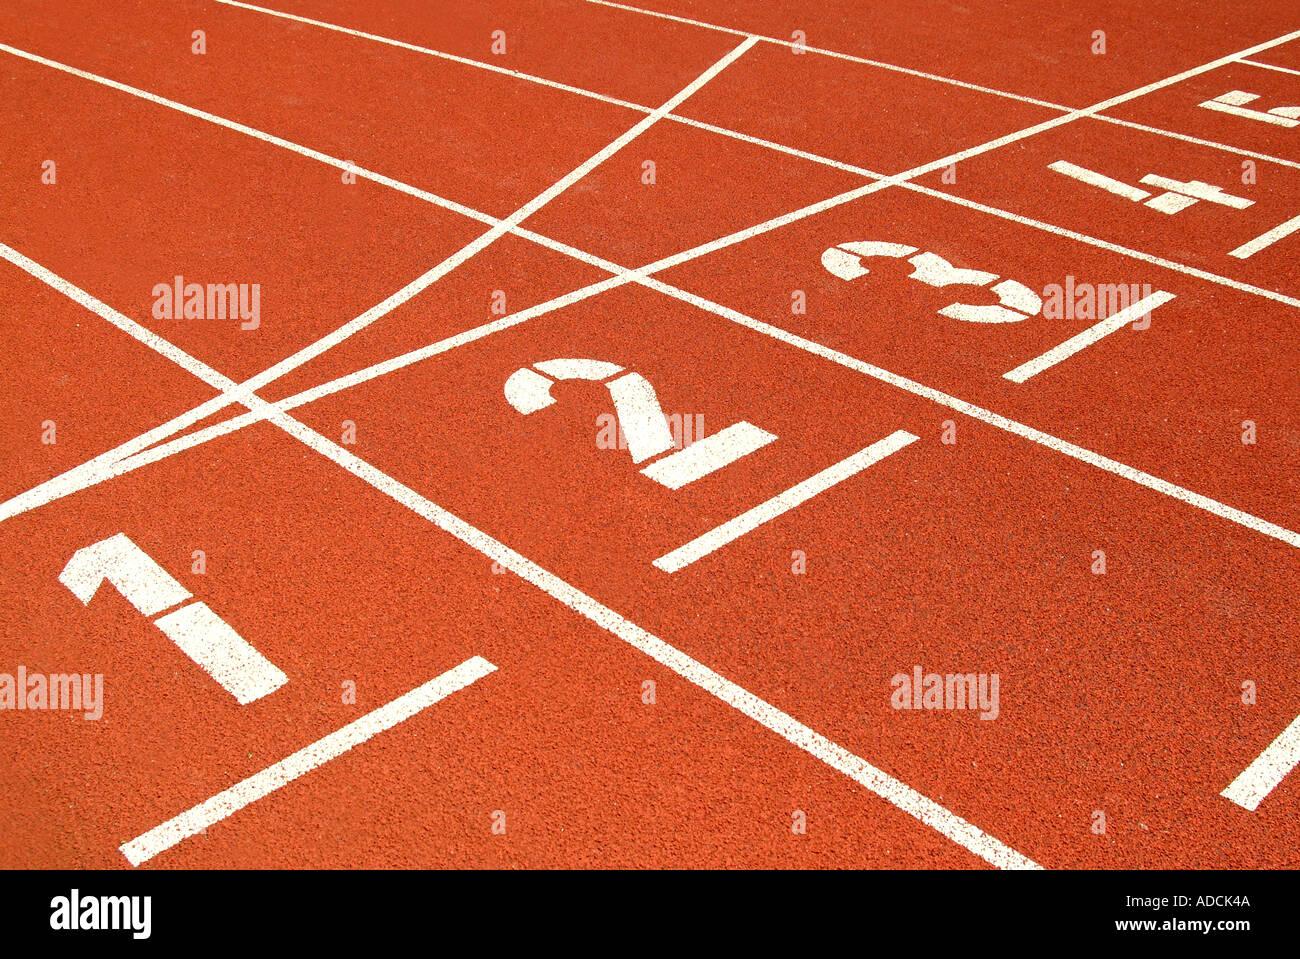 running course in a stadium Tartanbahn Start - Stock Image